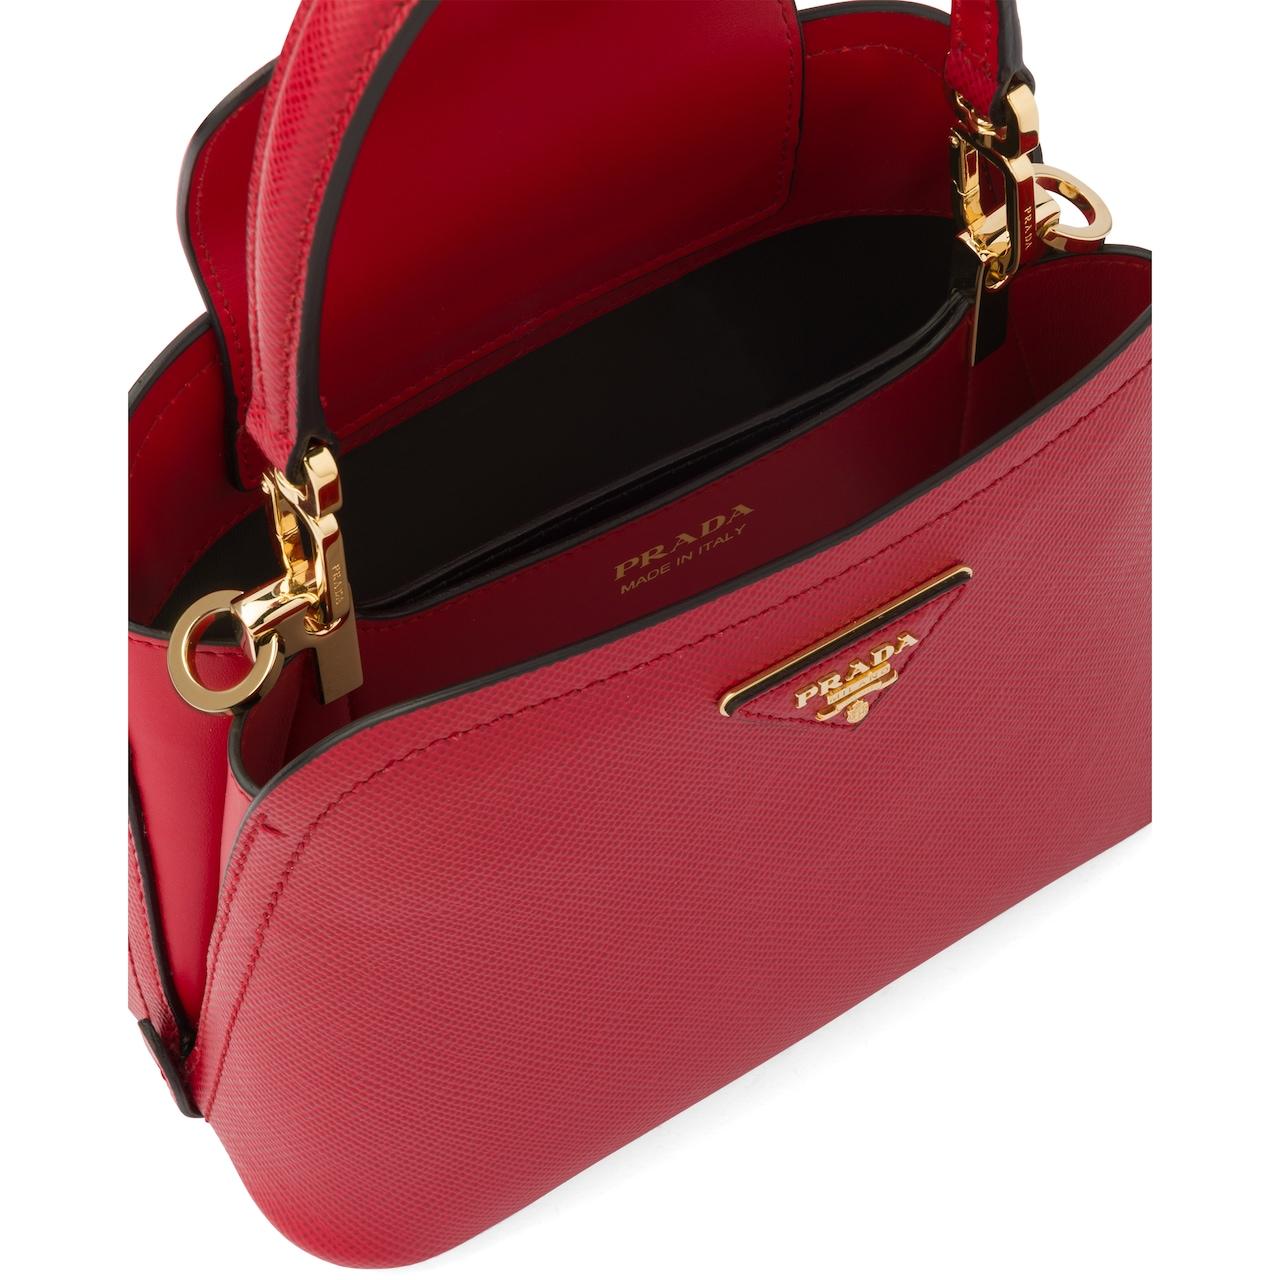 Prada Prada Matinée Micro Saffiano leather bag 5